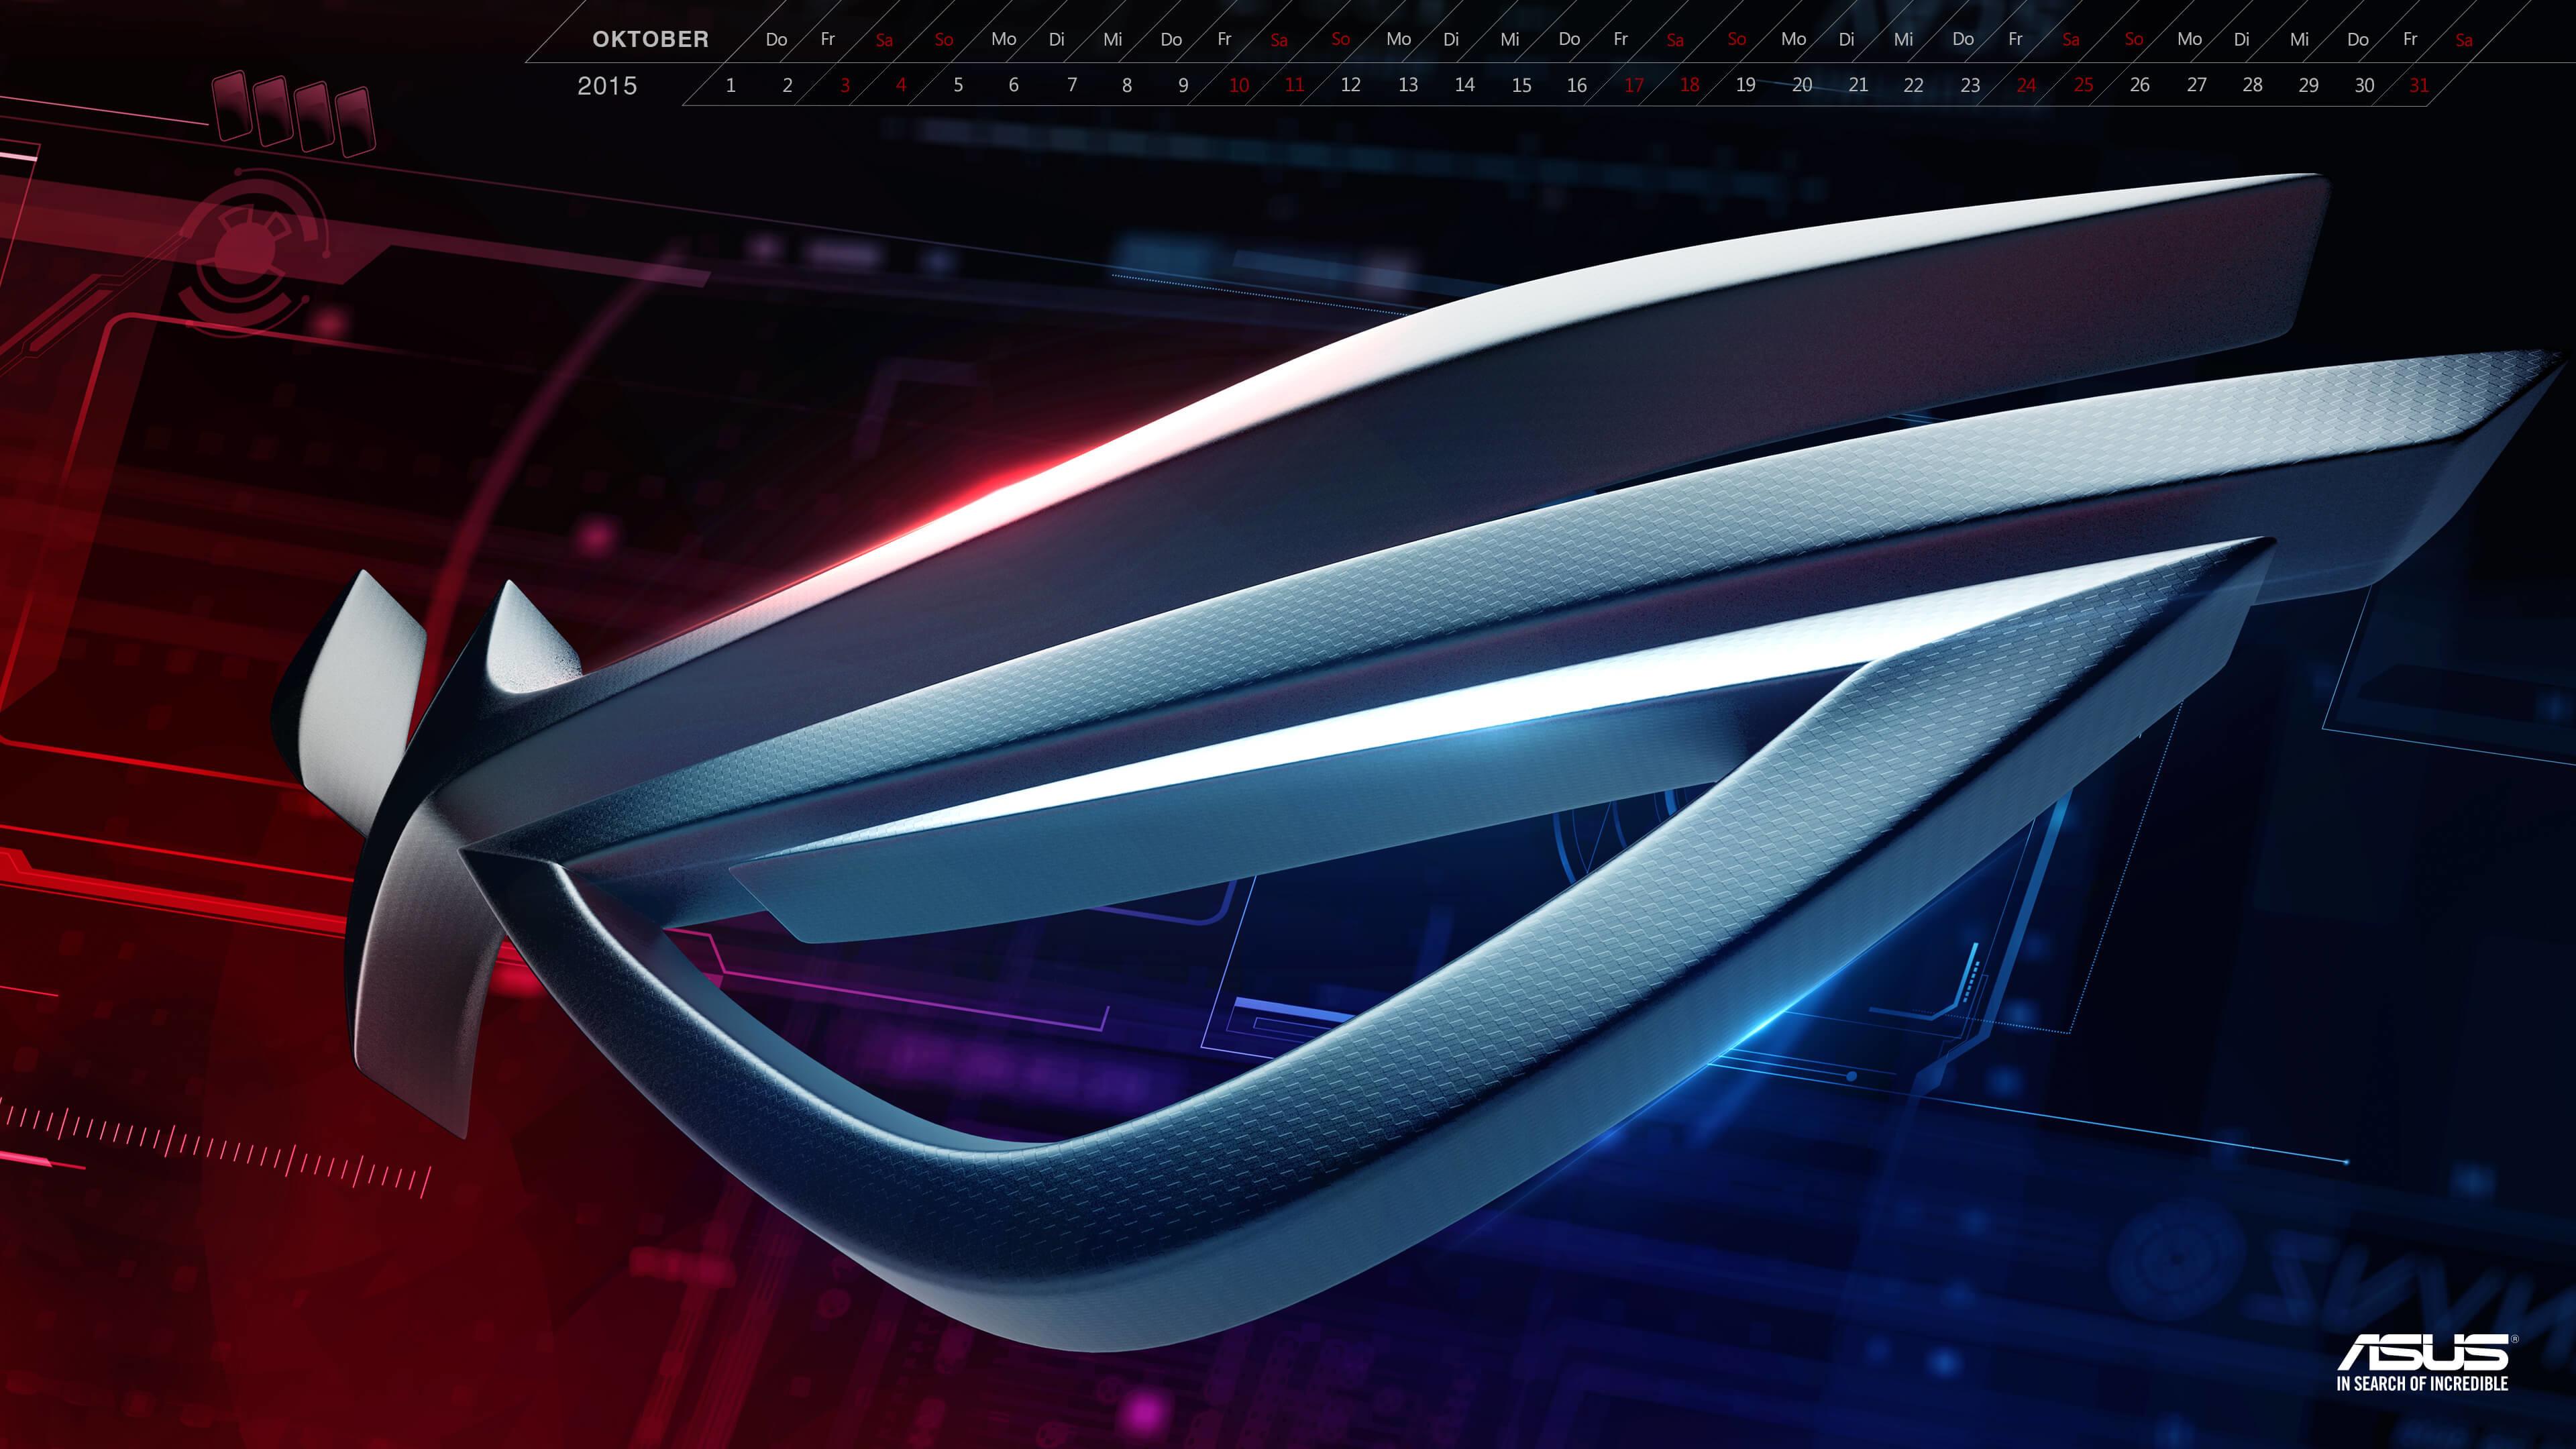 Download Wallpaper 2560×1440 Asus, Logo, Republic of gamers .